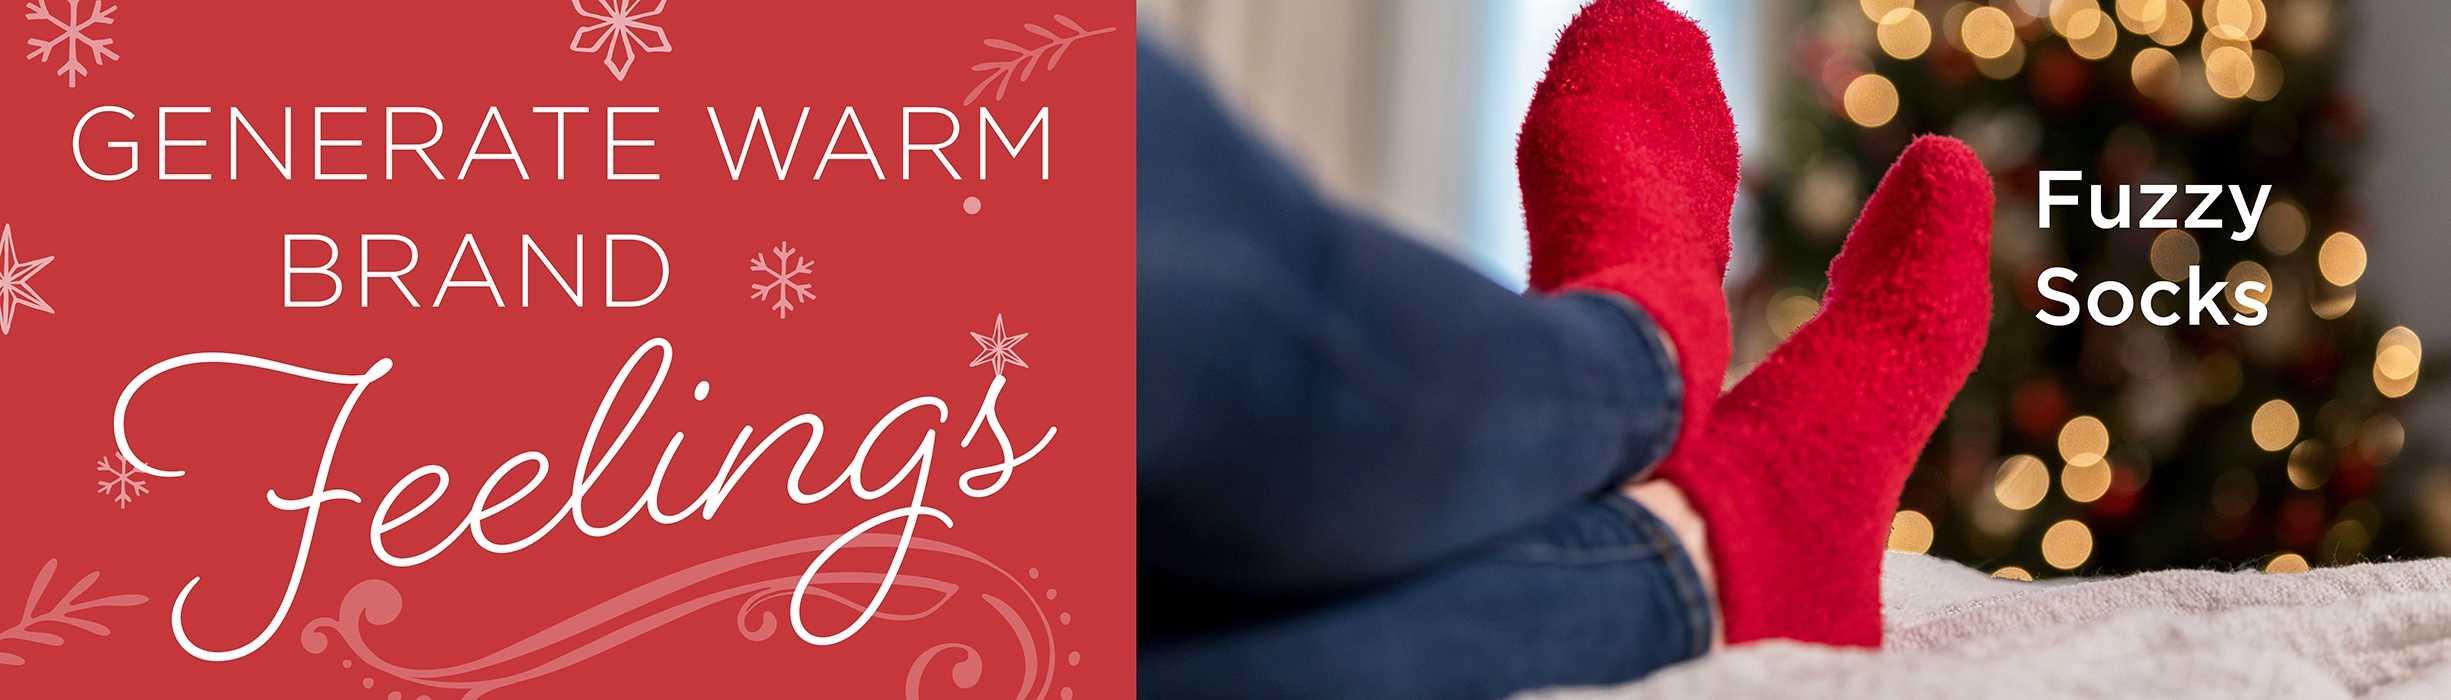 Fuzzy Socks AIM